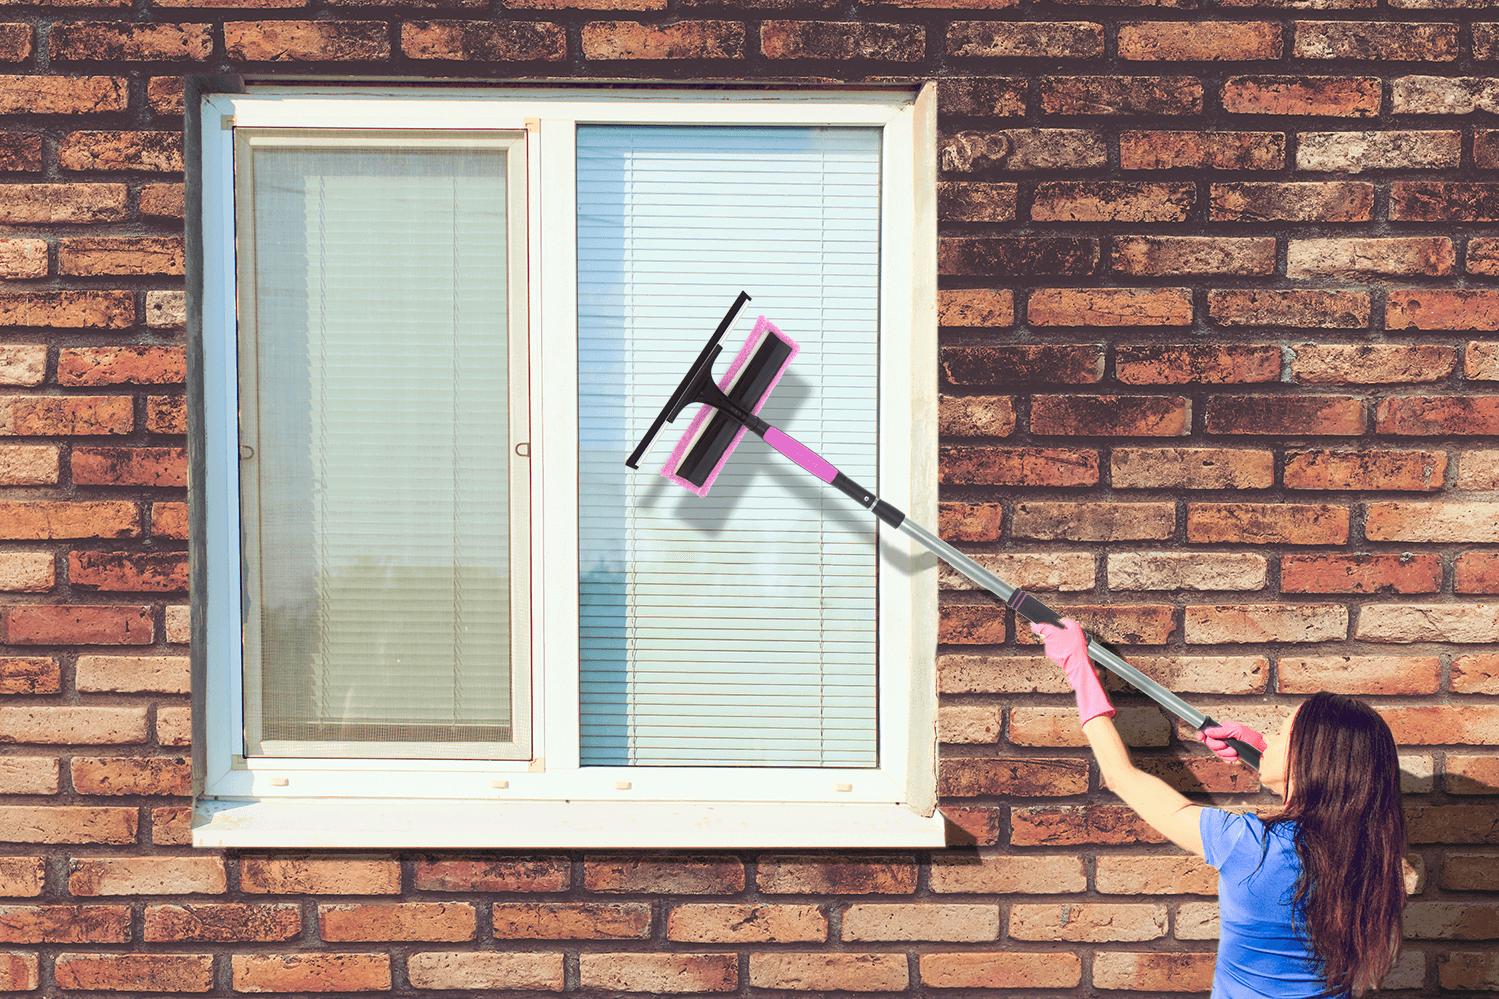 Full Size of Teleskopstange Fenster Reinigen Fensterputzen Ohne Leiter So Gehts De Klebefolie Für Mit Eingebauten Rolladen Rc 2 Sichtschutz Meeth Günstig Kaufen Wohnzimmer Teleskopstange Fenster Reinigen